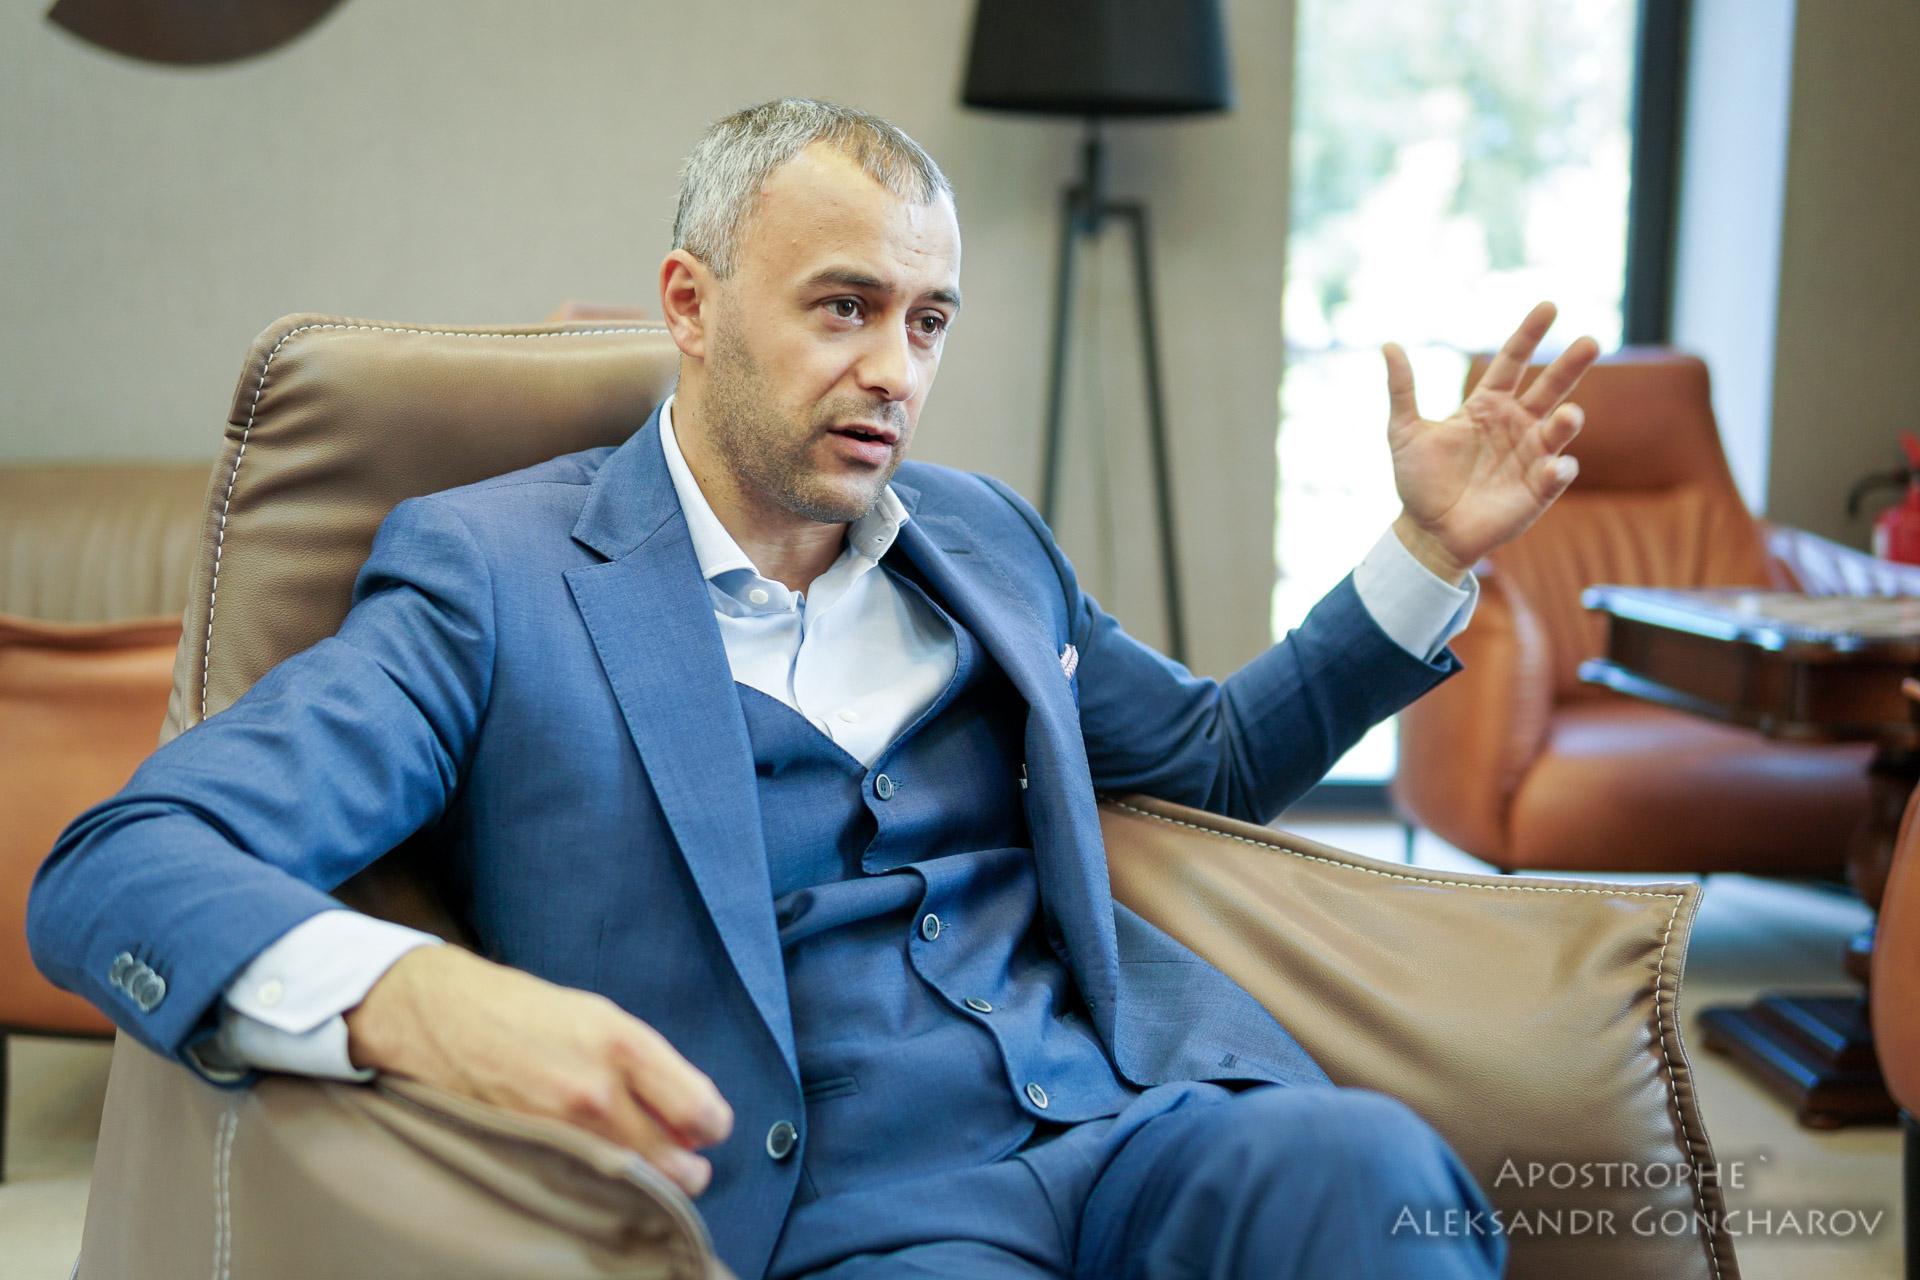 Бизнесмен рассказал, как необходимо развиваться Украине